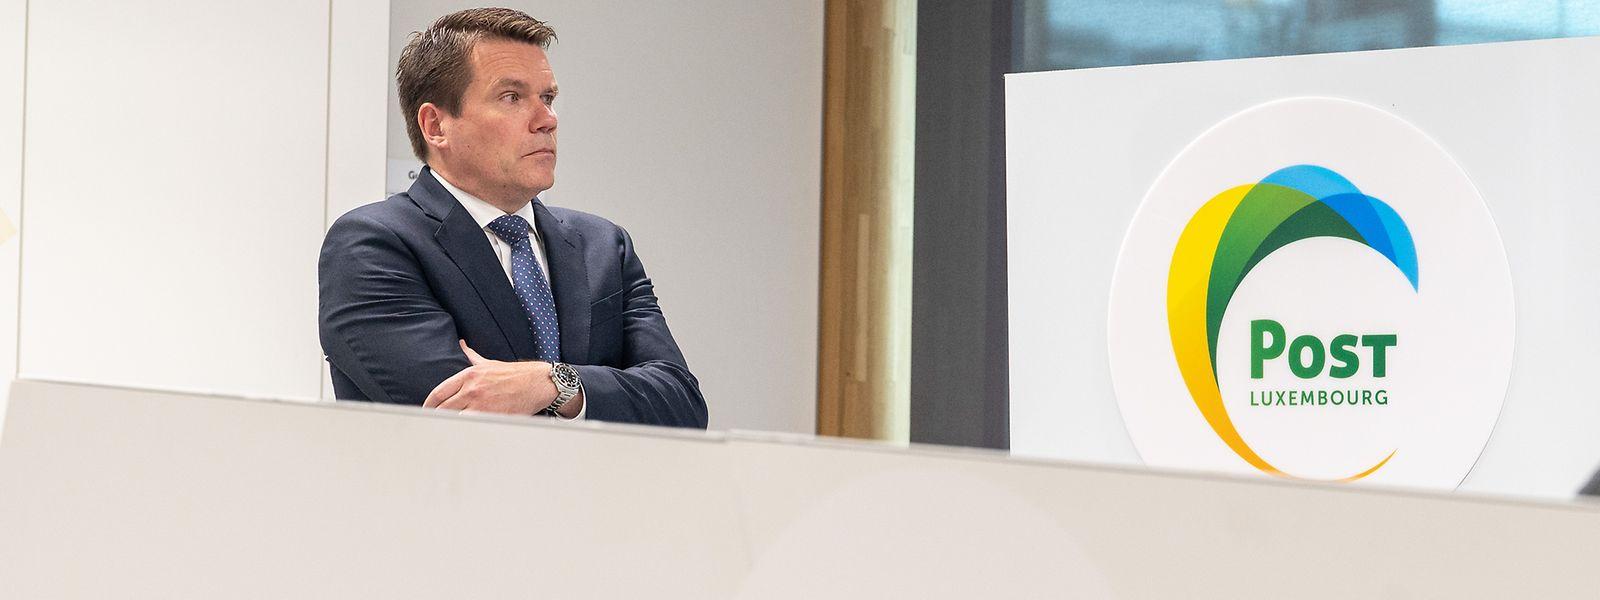 Lors de la présentation de la nouvelle grille tarifaire, lundi, Claude Strasser, CEO de Post, avait indiqué que 180.000 clients seront impactés par la mesure.